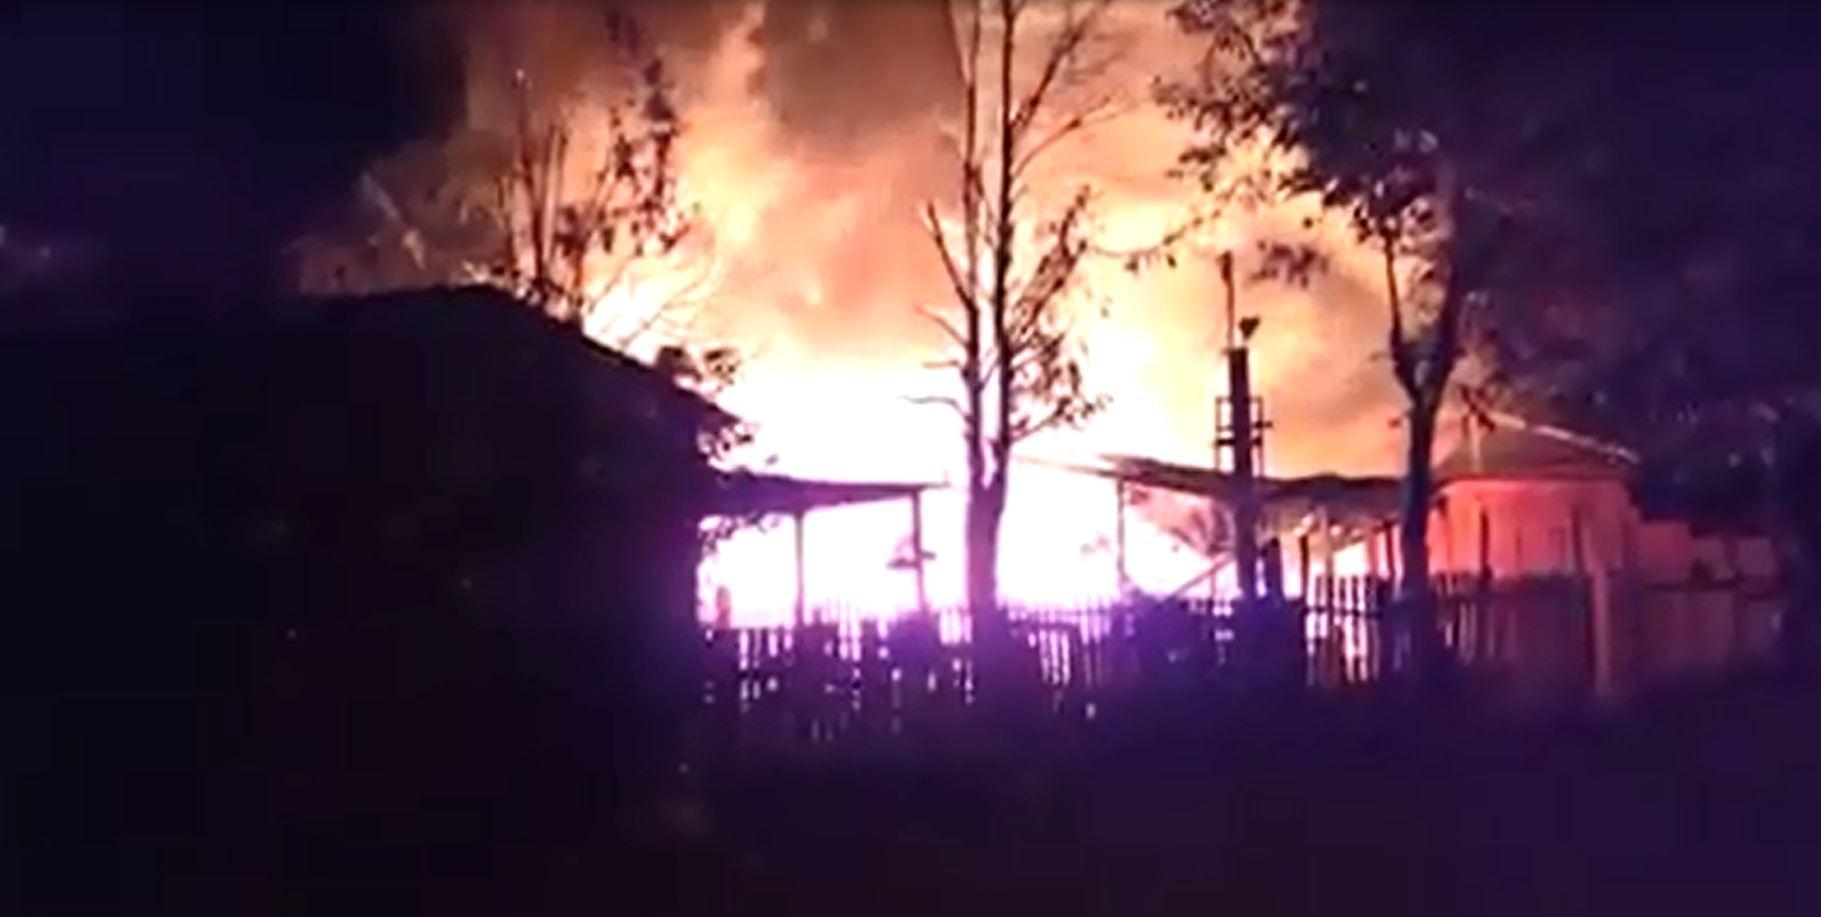 'Disse que ia matar os meninos', relata mãe após marido incendiar casa com filhos dentro em Rio Branco